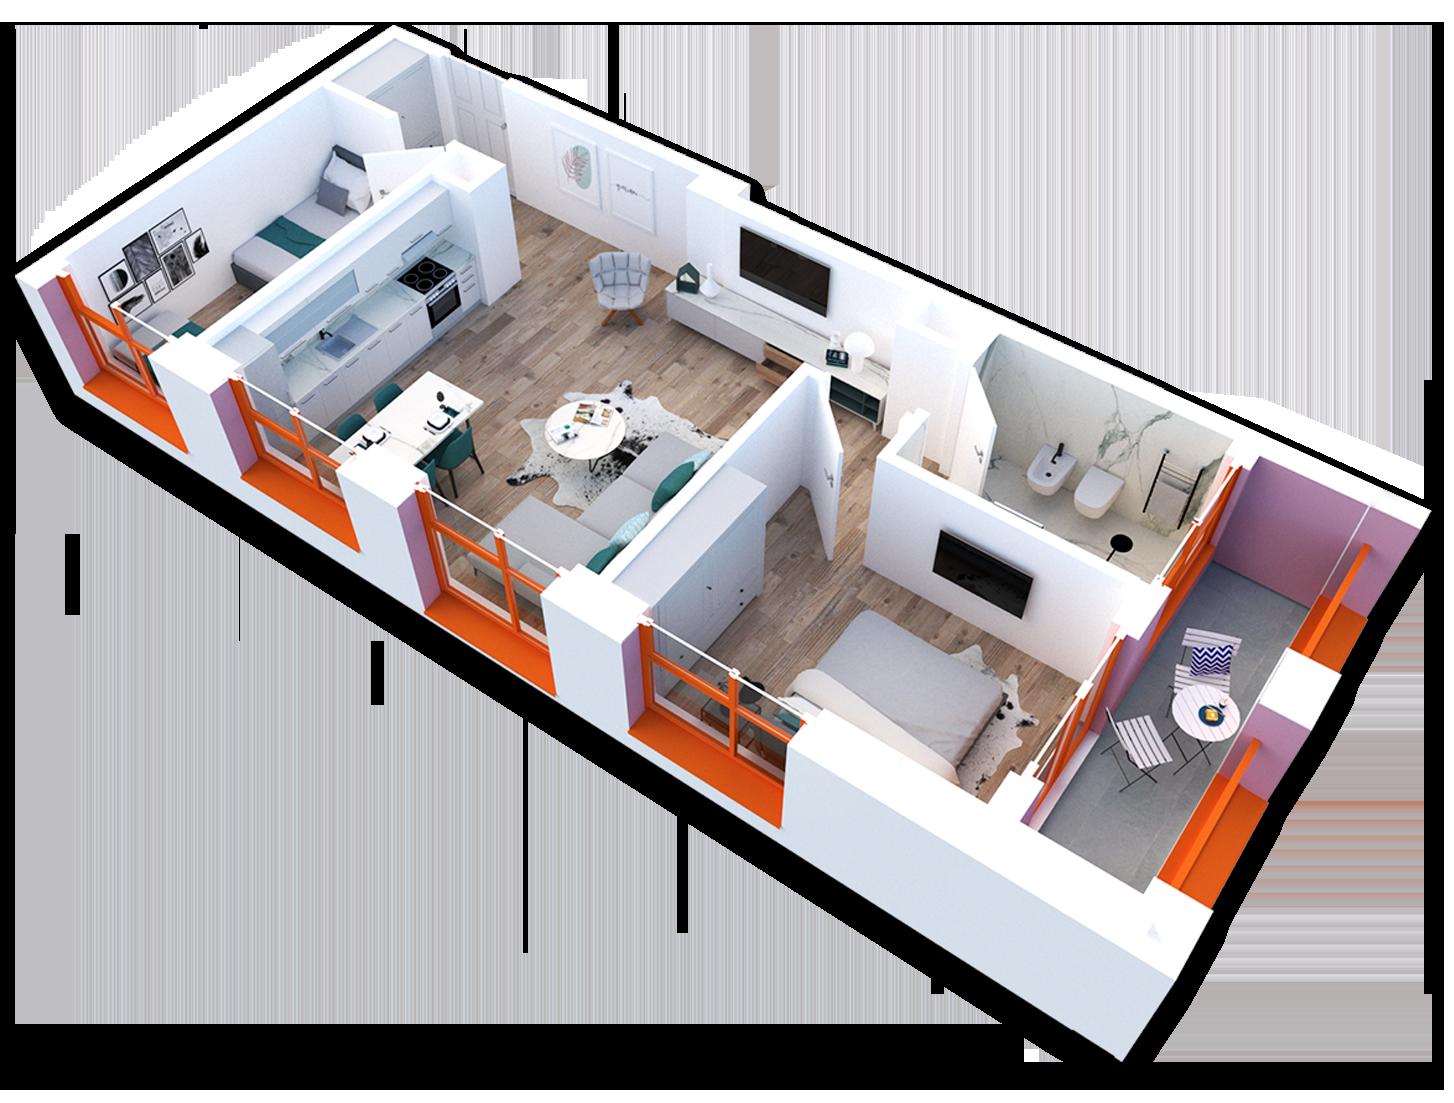 Apartament 2+1 në shitje në Tiranë - Mangalem 21 Shkalla 21 Kati 5